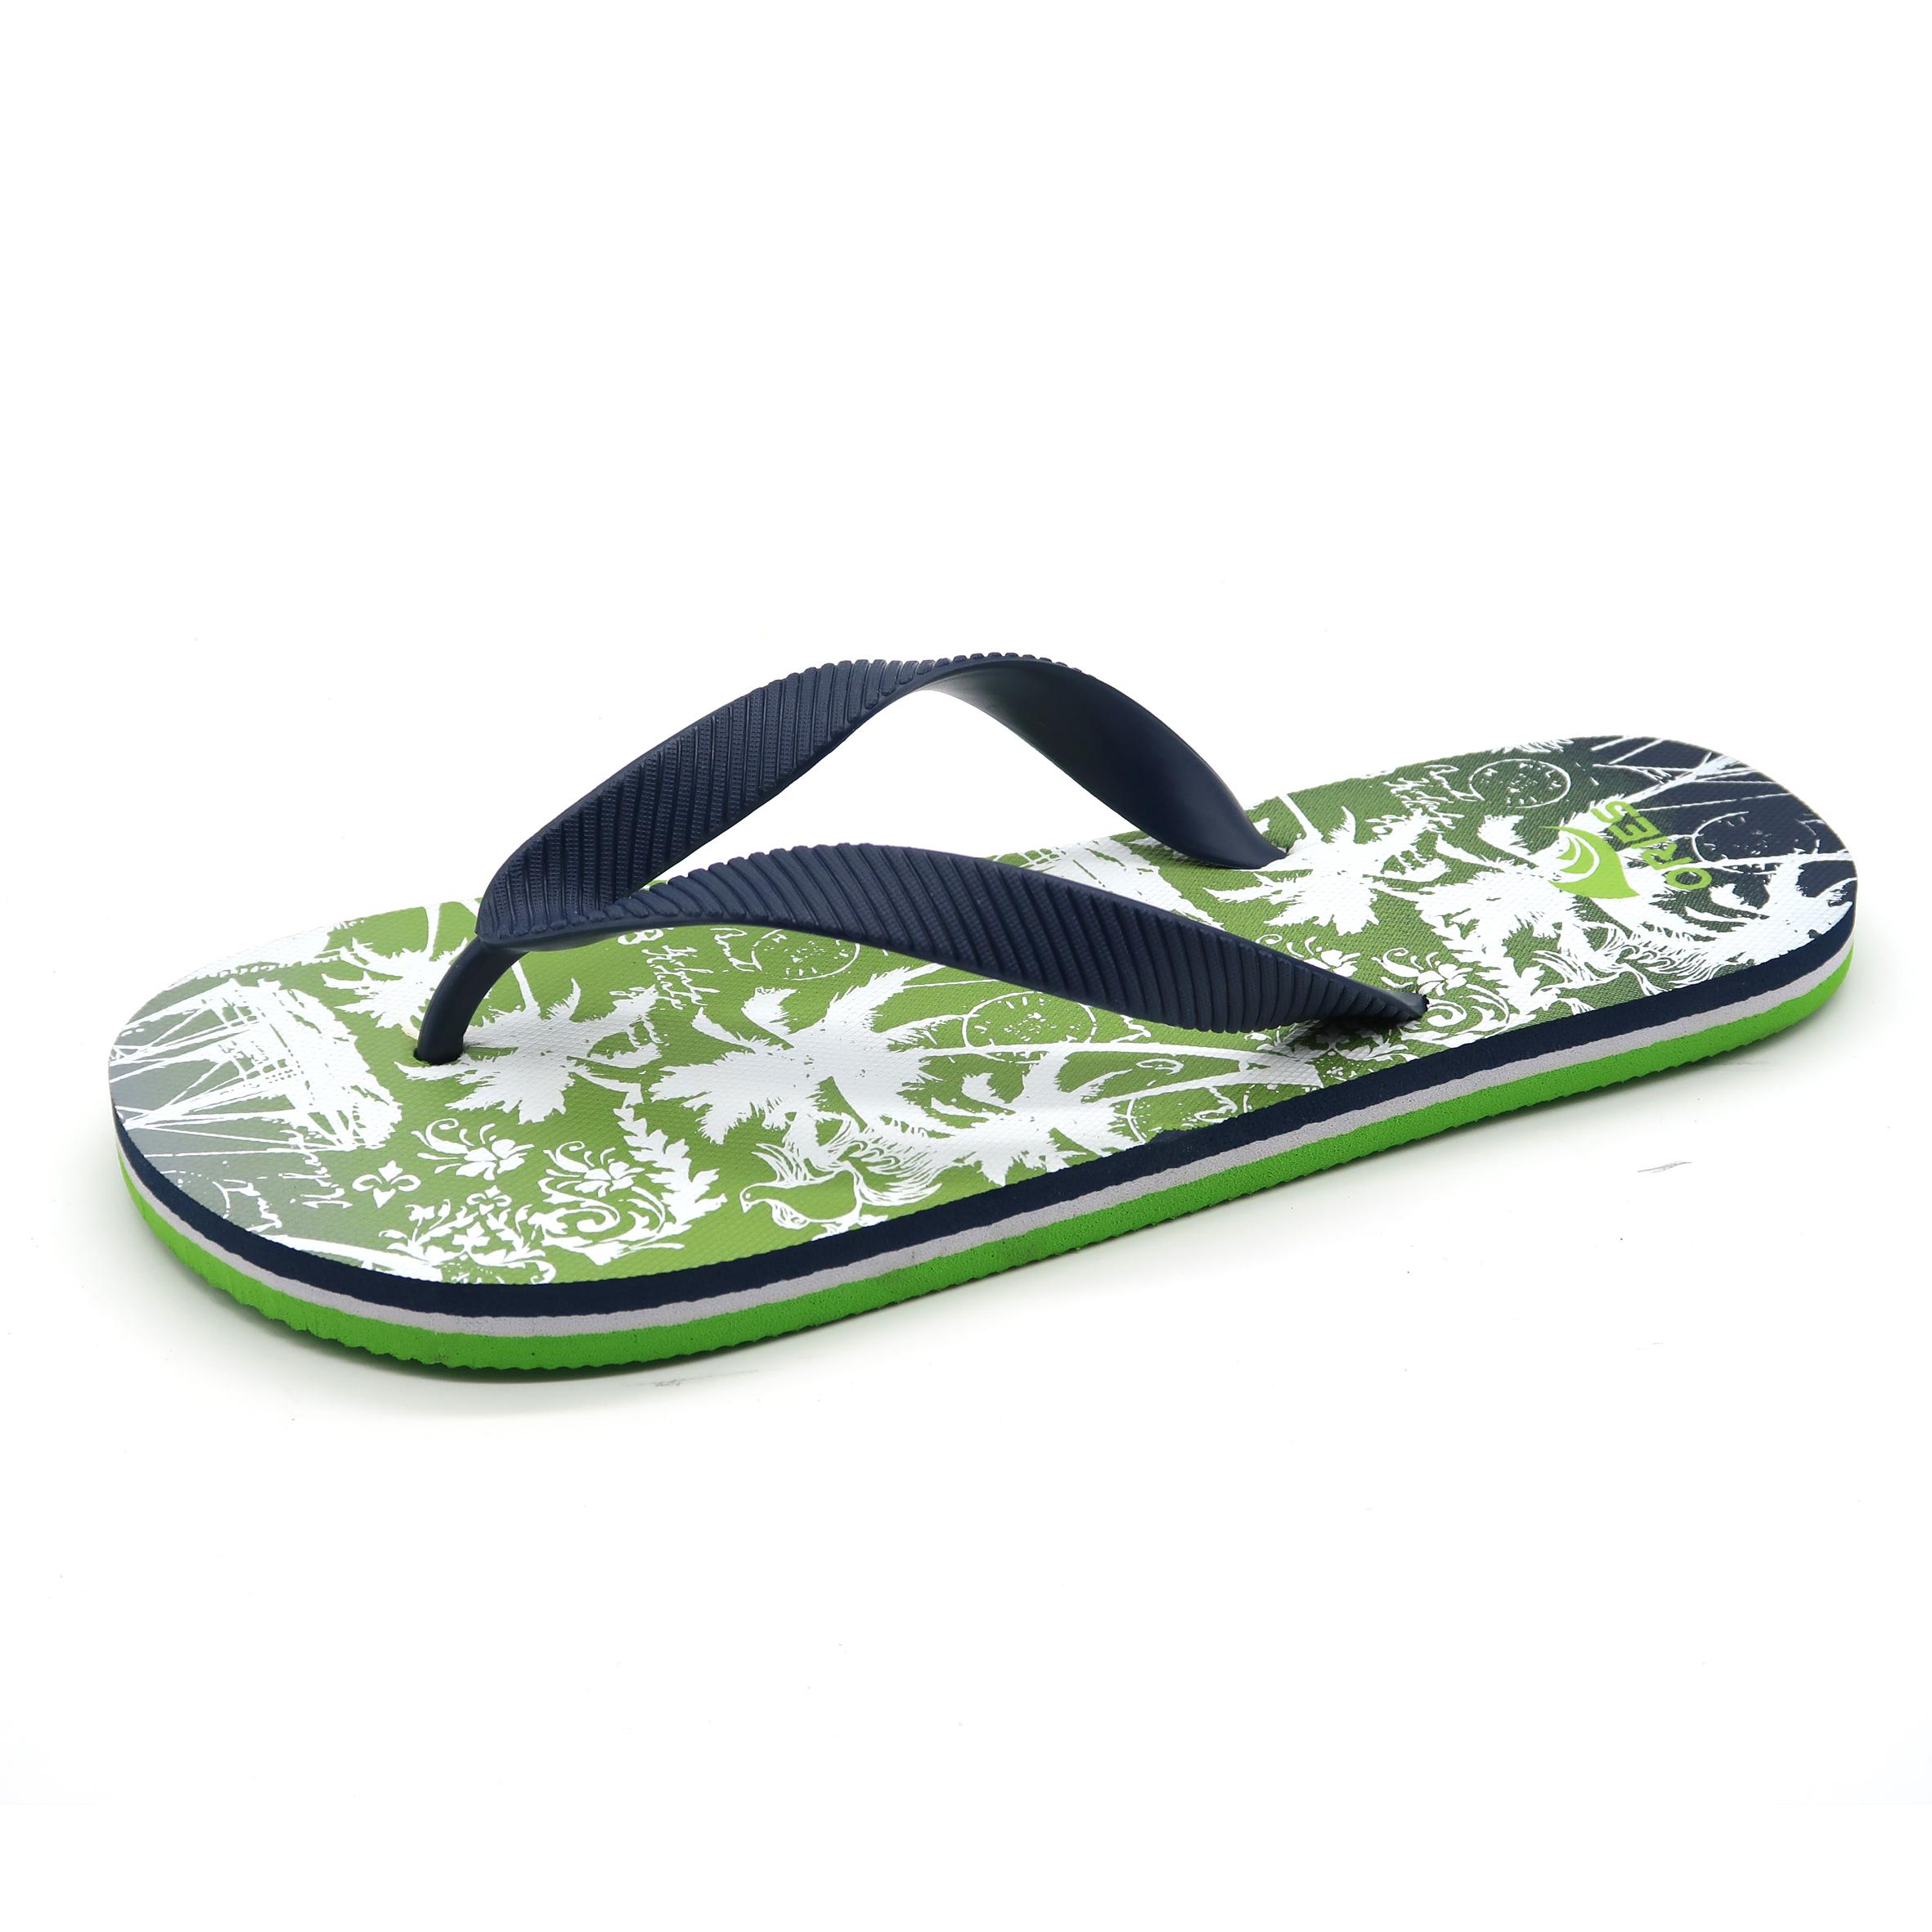 51f7ace56 Pvc Wholesale Flip Flops